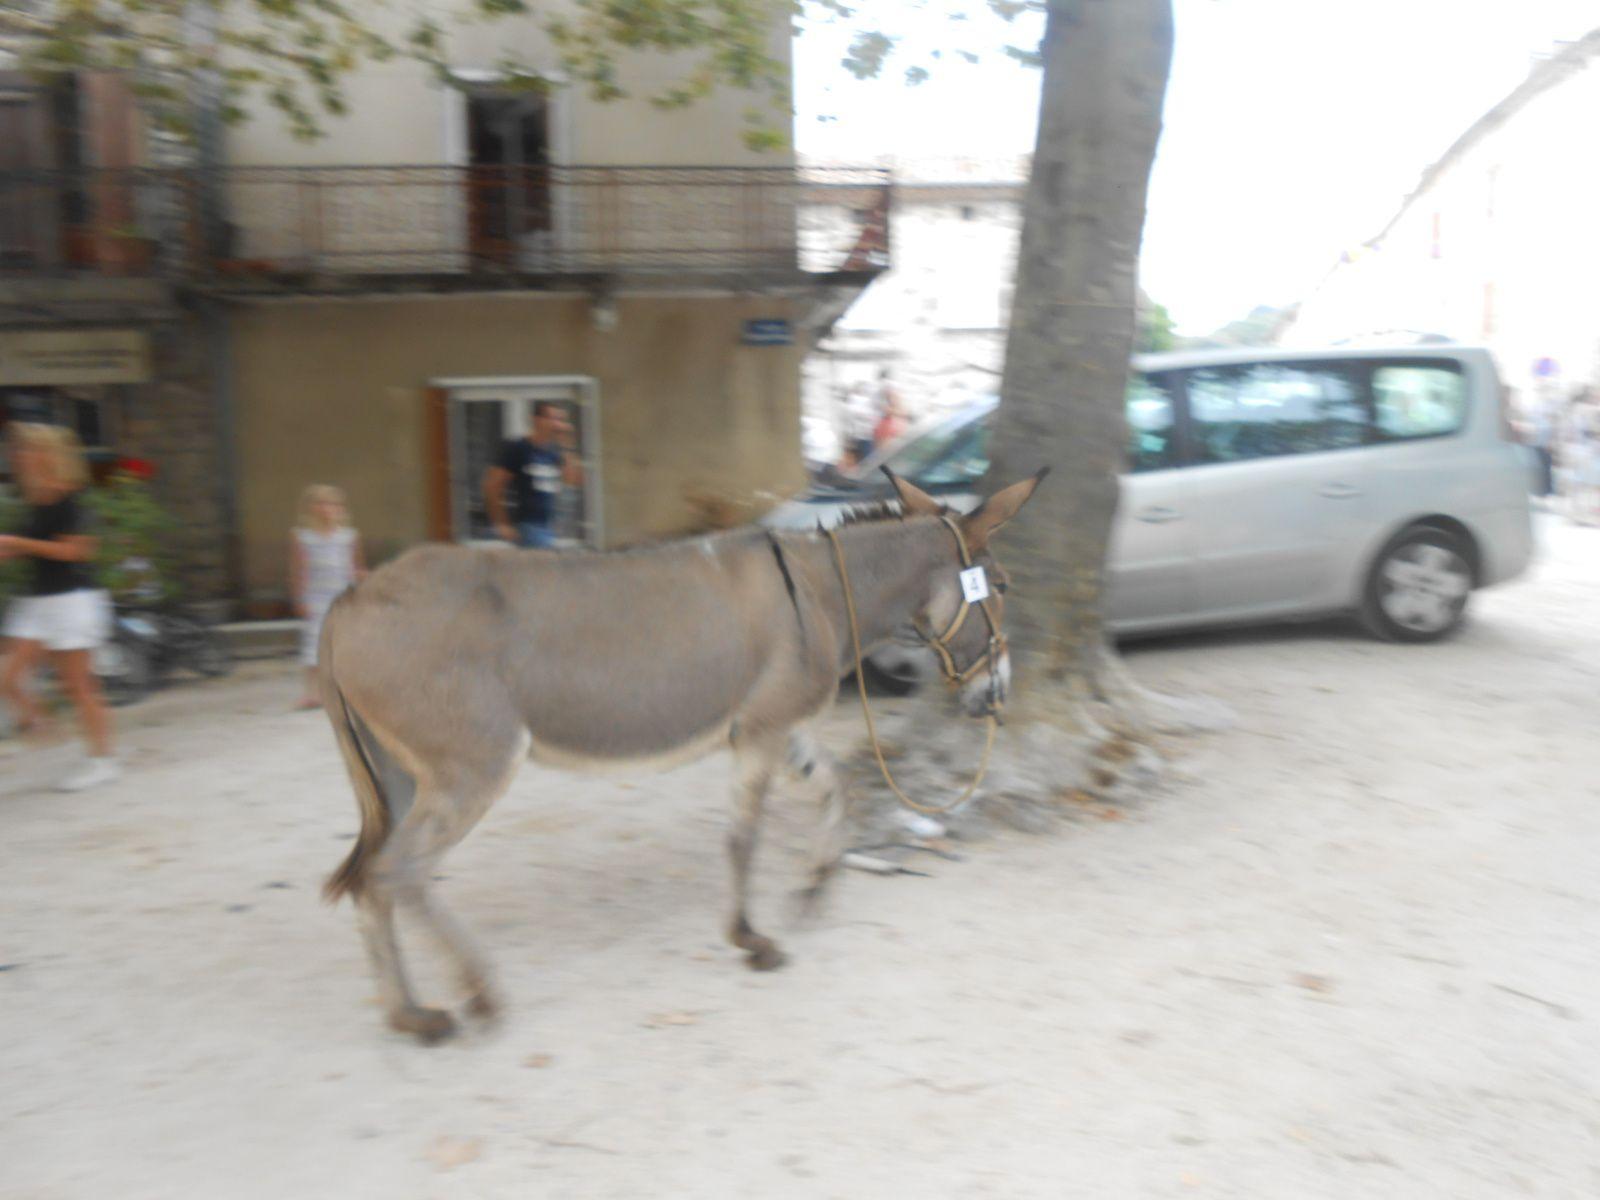 Gamelle et âne errant sans cavalier: incontournables péripéties de course